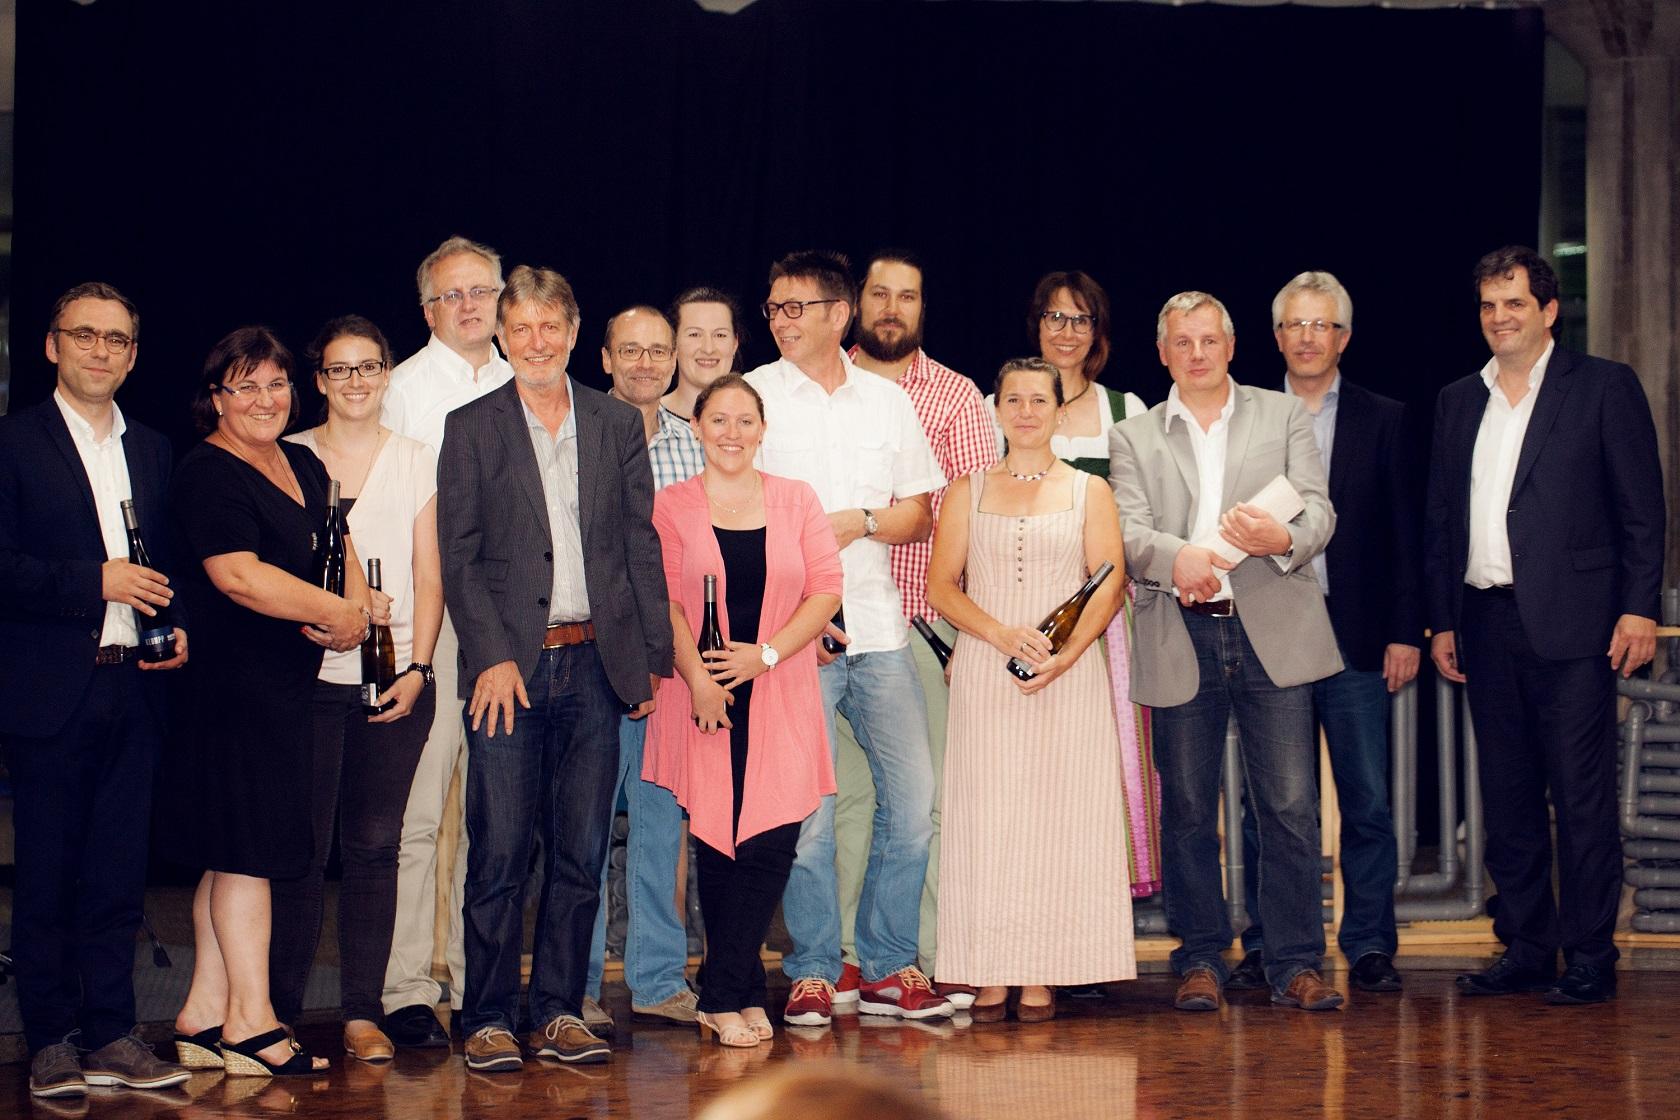 Schulabschlussfeier Bruchsal 2016 Gäste